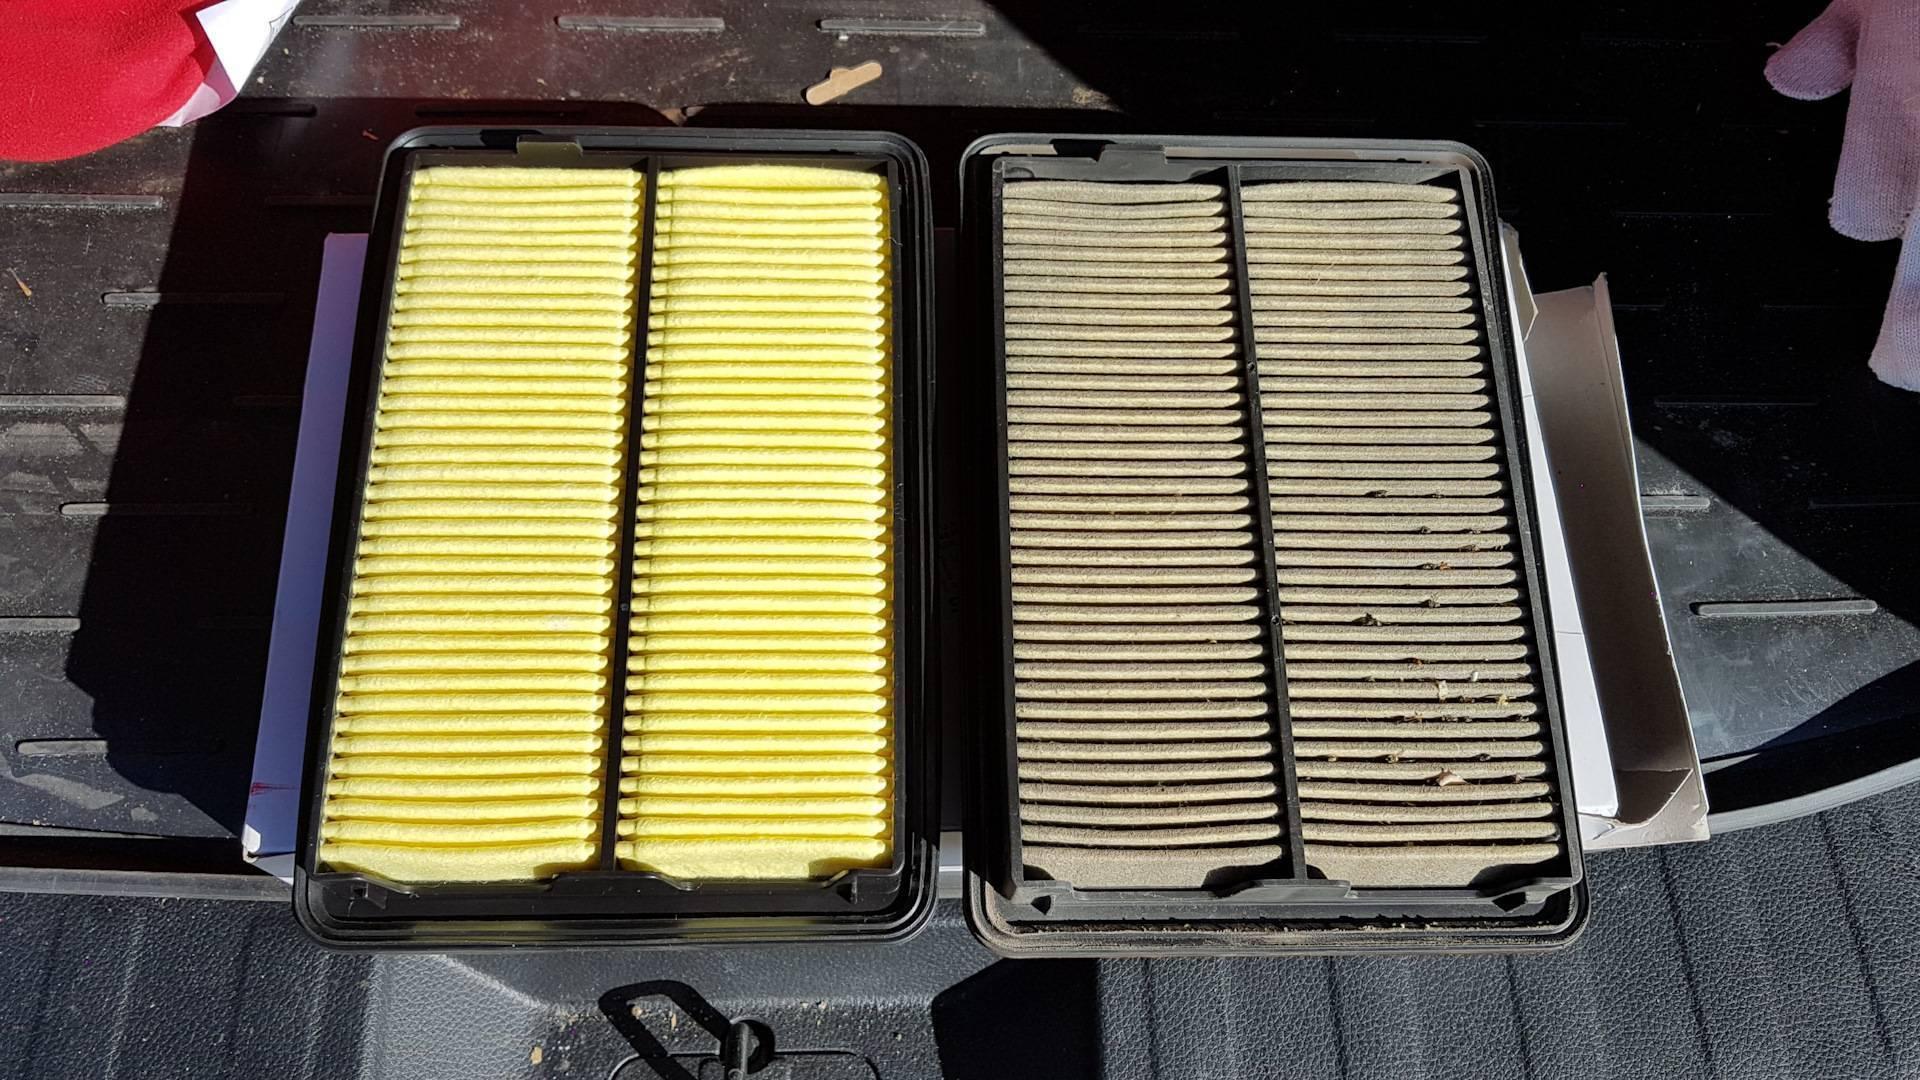 Как часто нужно менять фильтры в автомобиле?